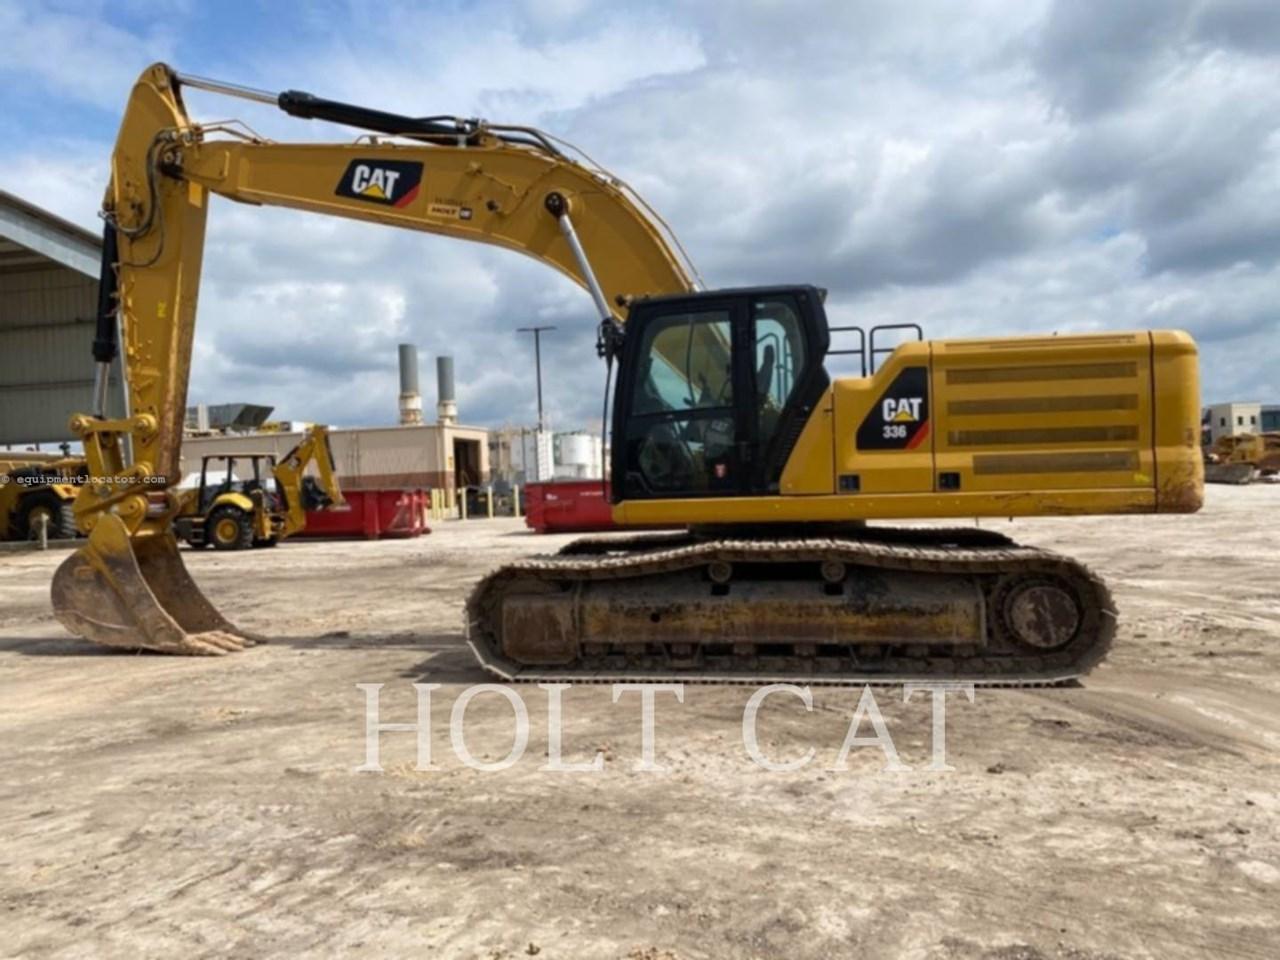 2019 Caterpillar 336 Image 1